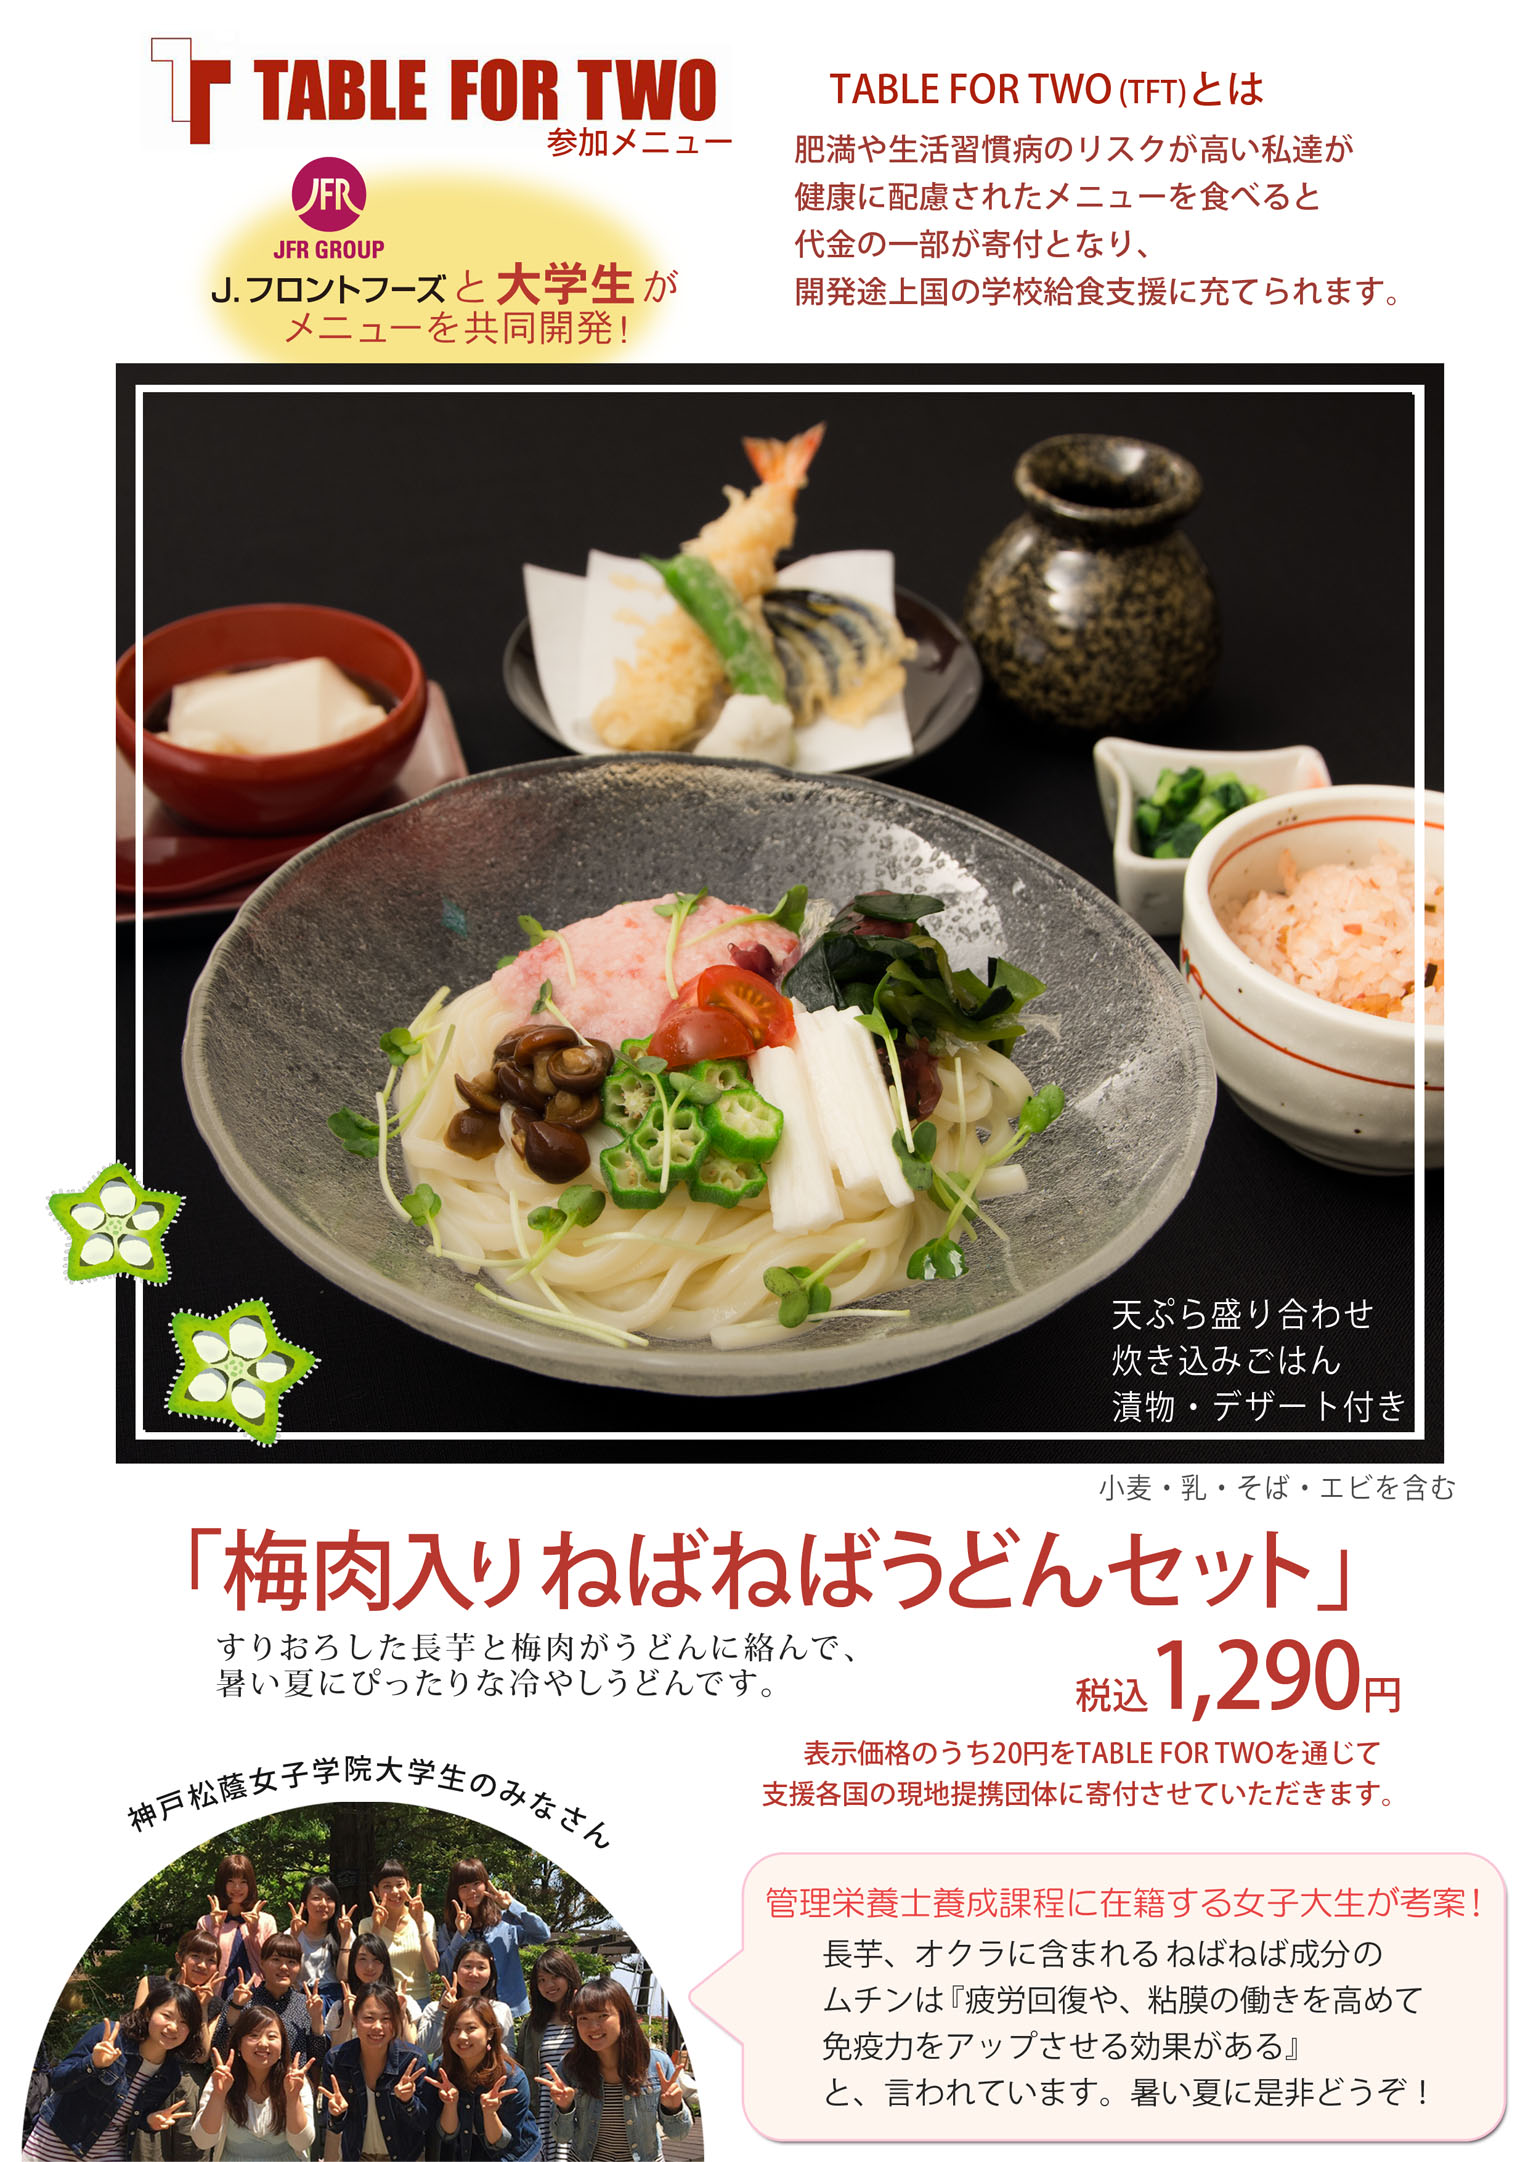 大丸神戸店の「讃兵衛」メニュー